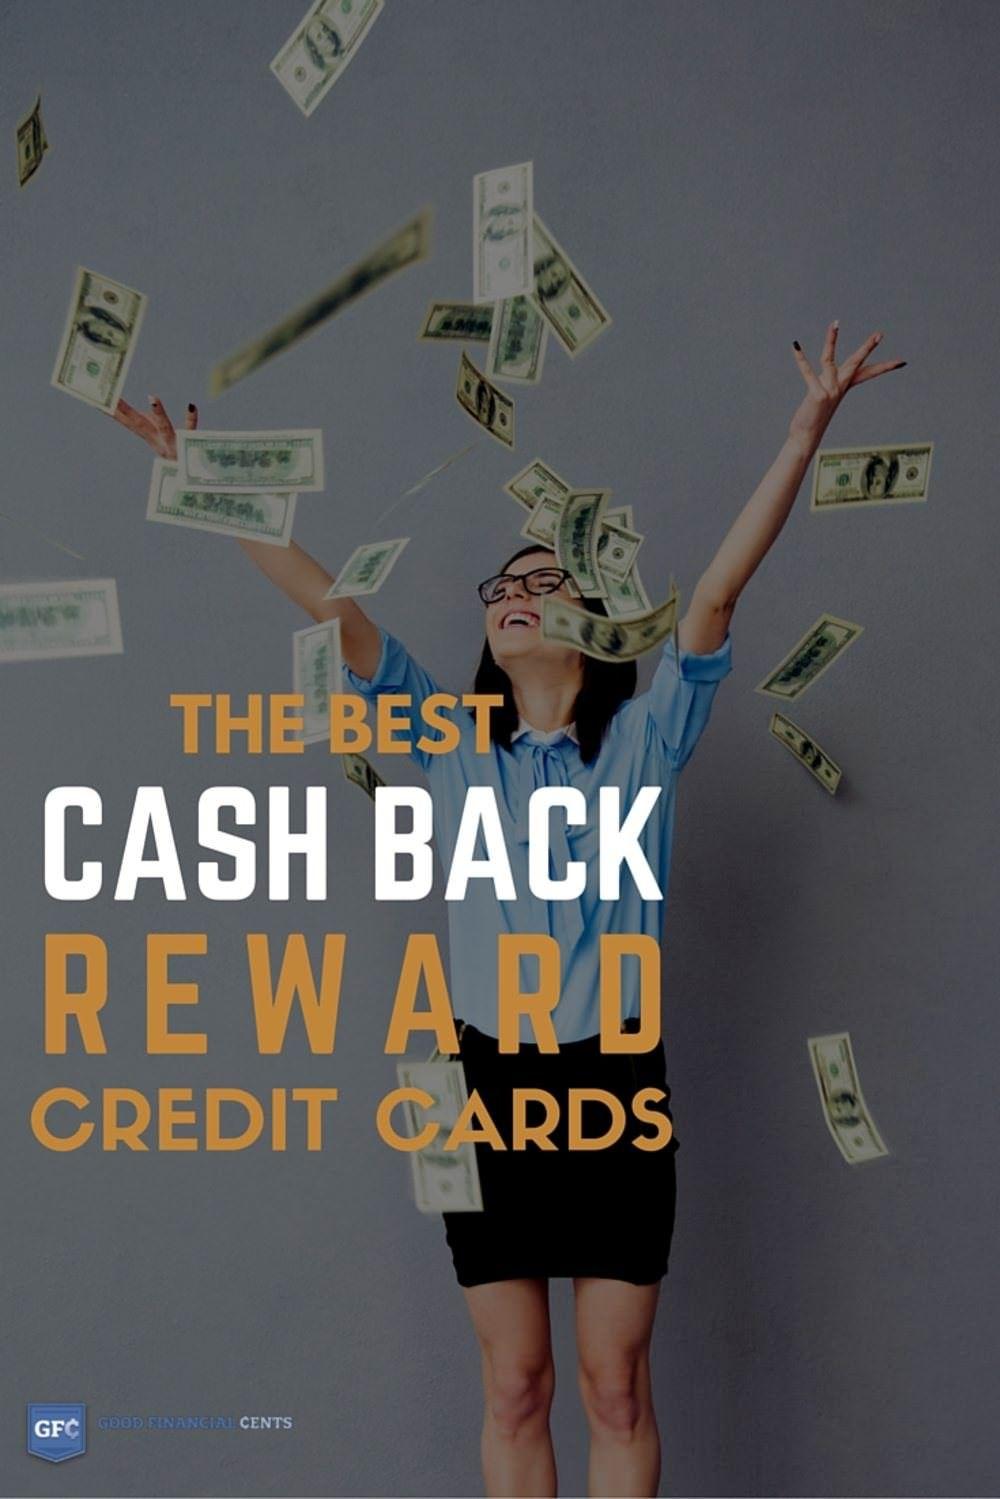 The 7 Best Cash Back Credit Cards for 2020 Rewards